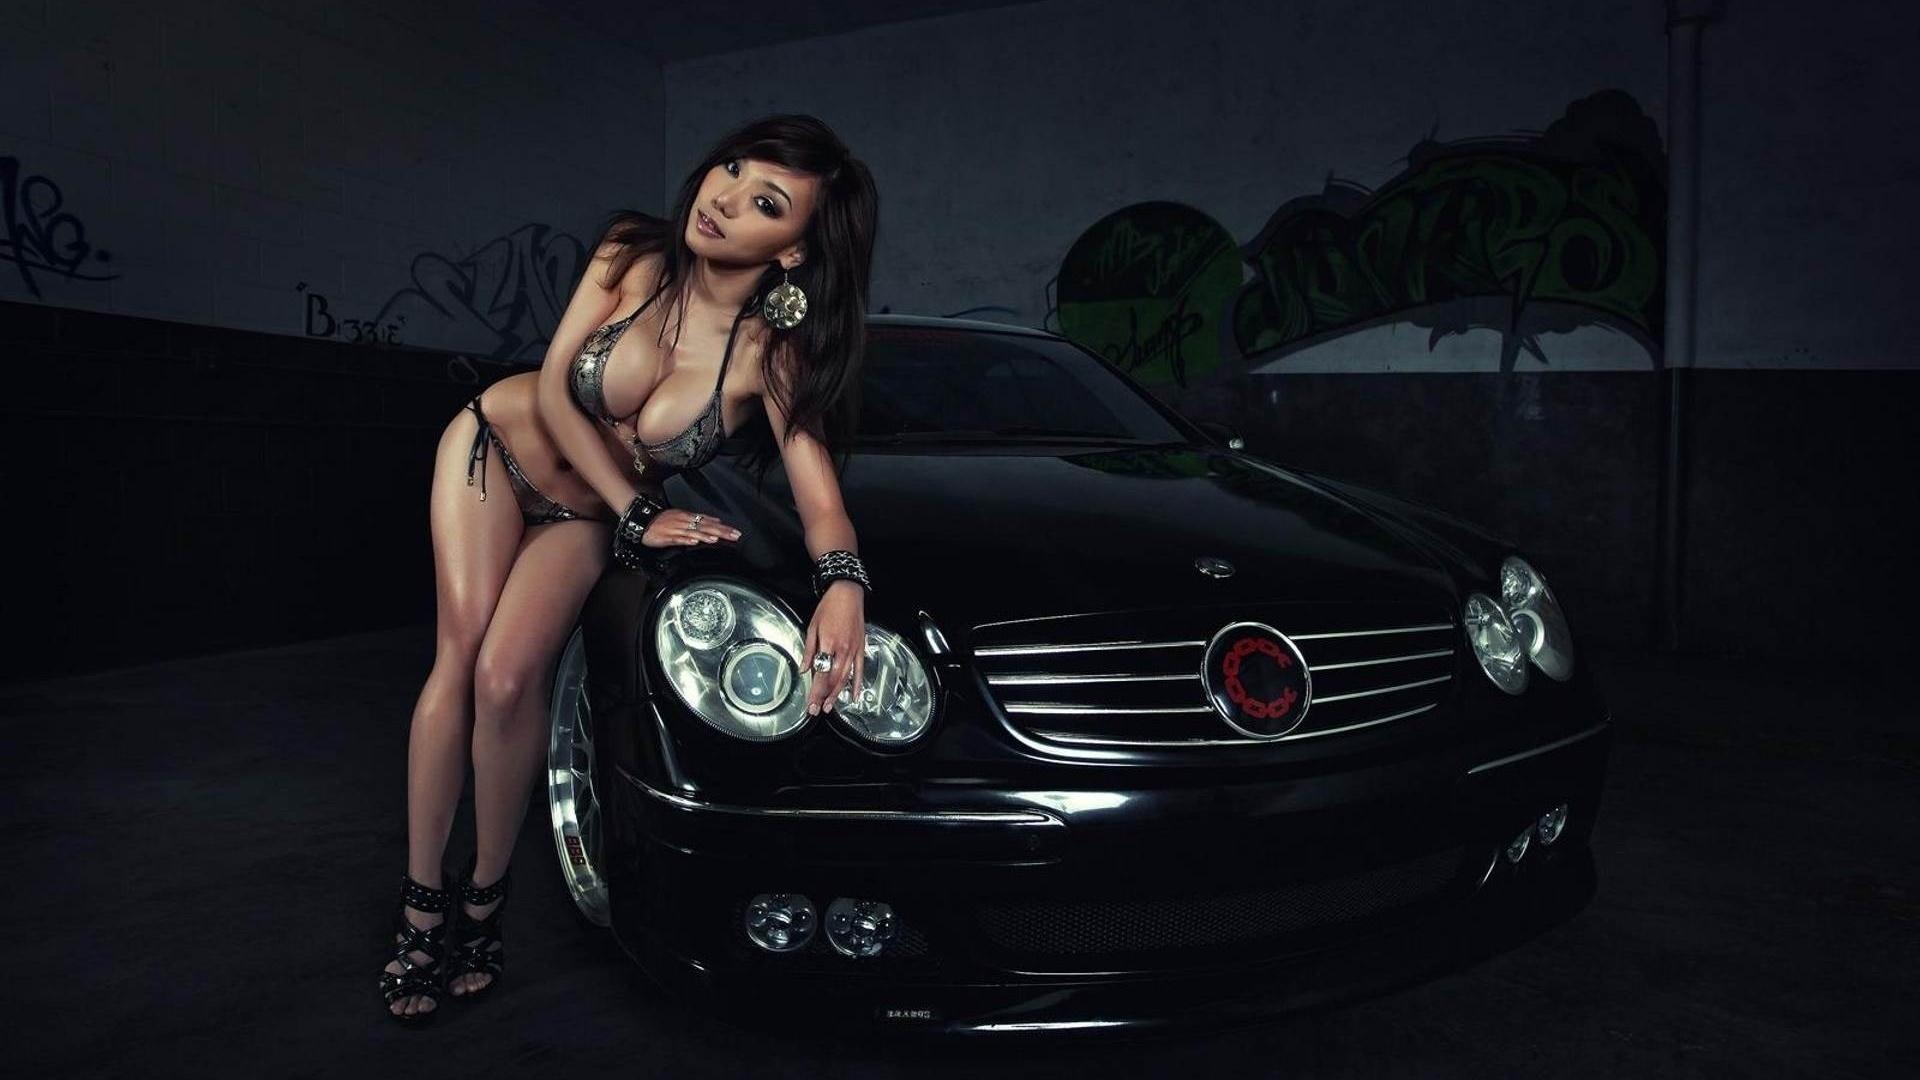 Смотреть порно с симпатичной брюнеткой в автомобиле мерседес бенс 10 фотография